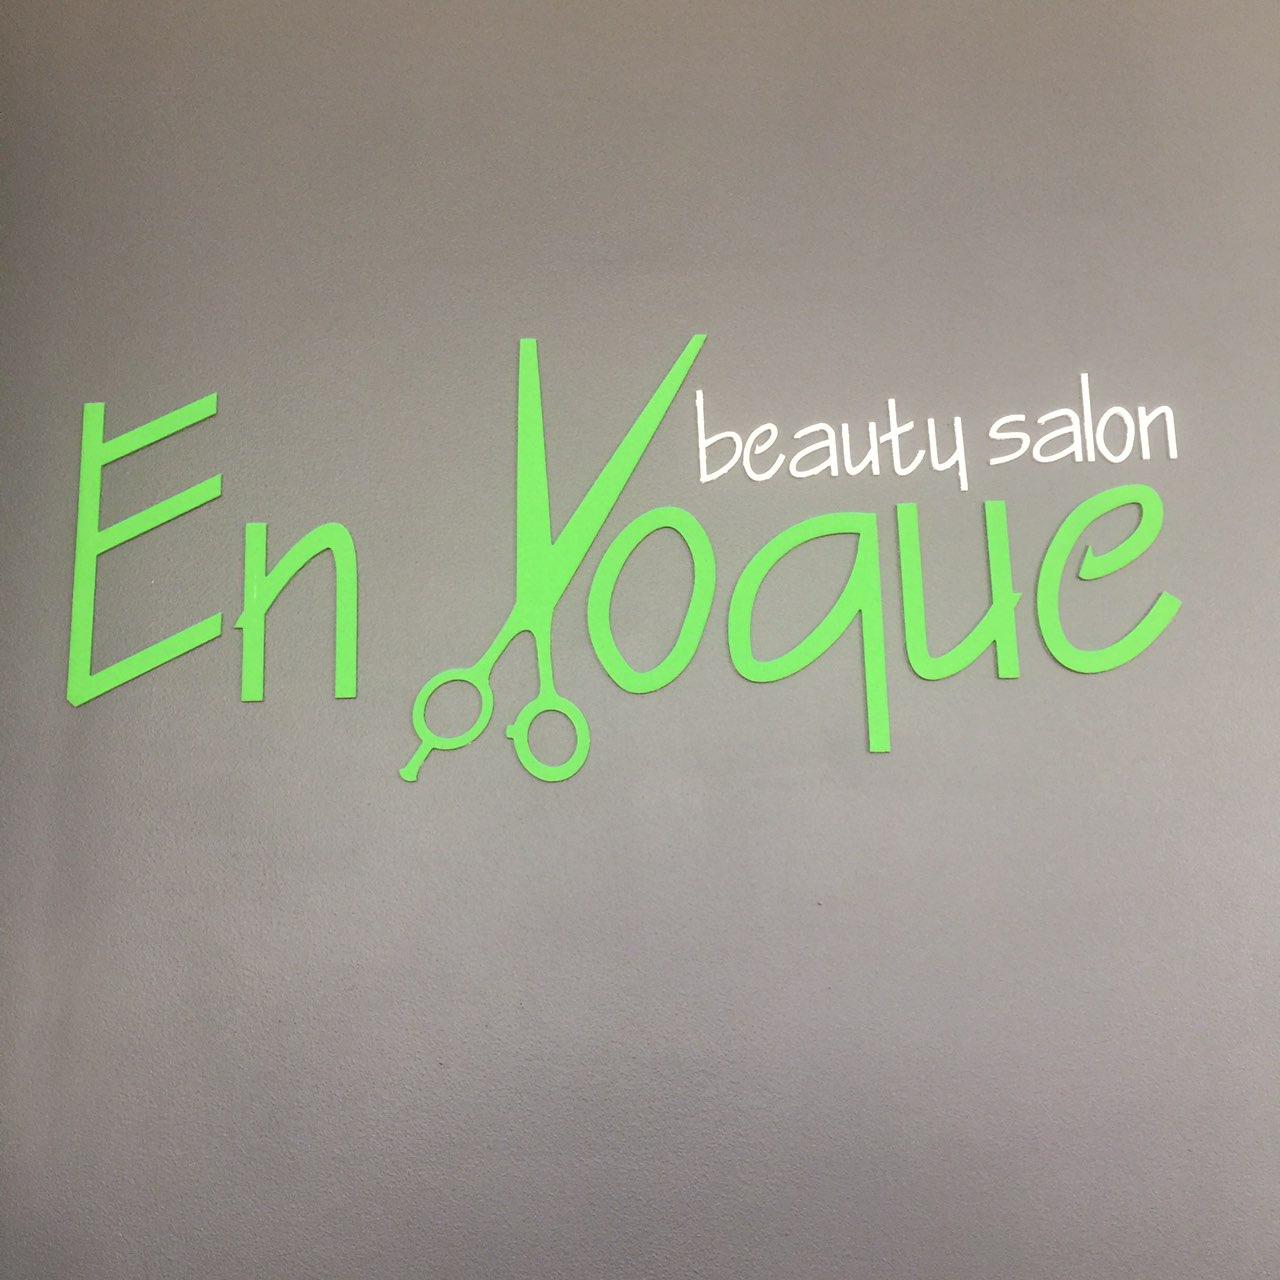 Beauty salon En Vogue